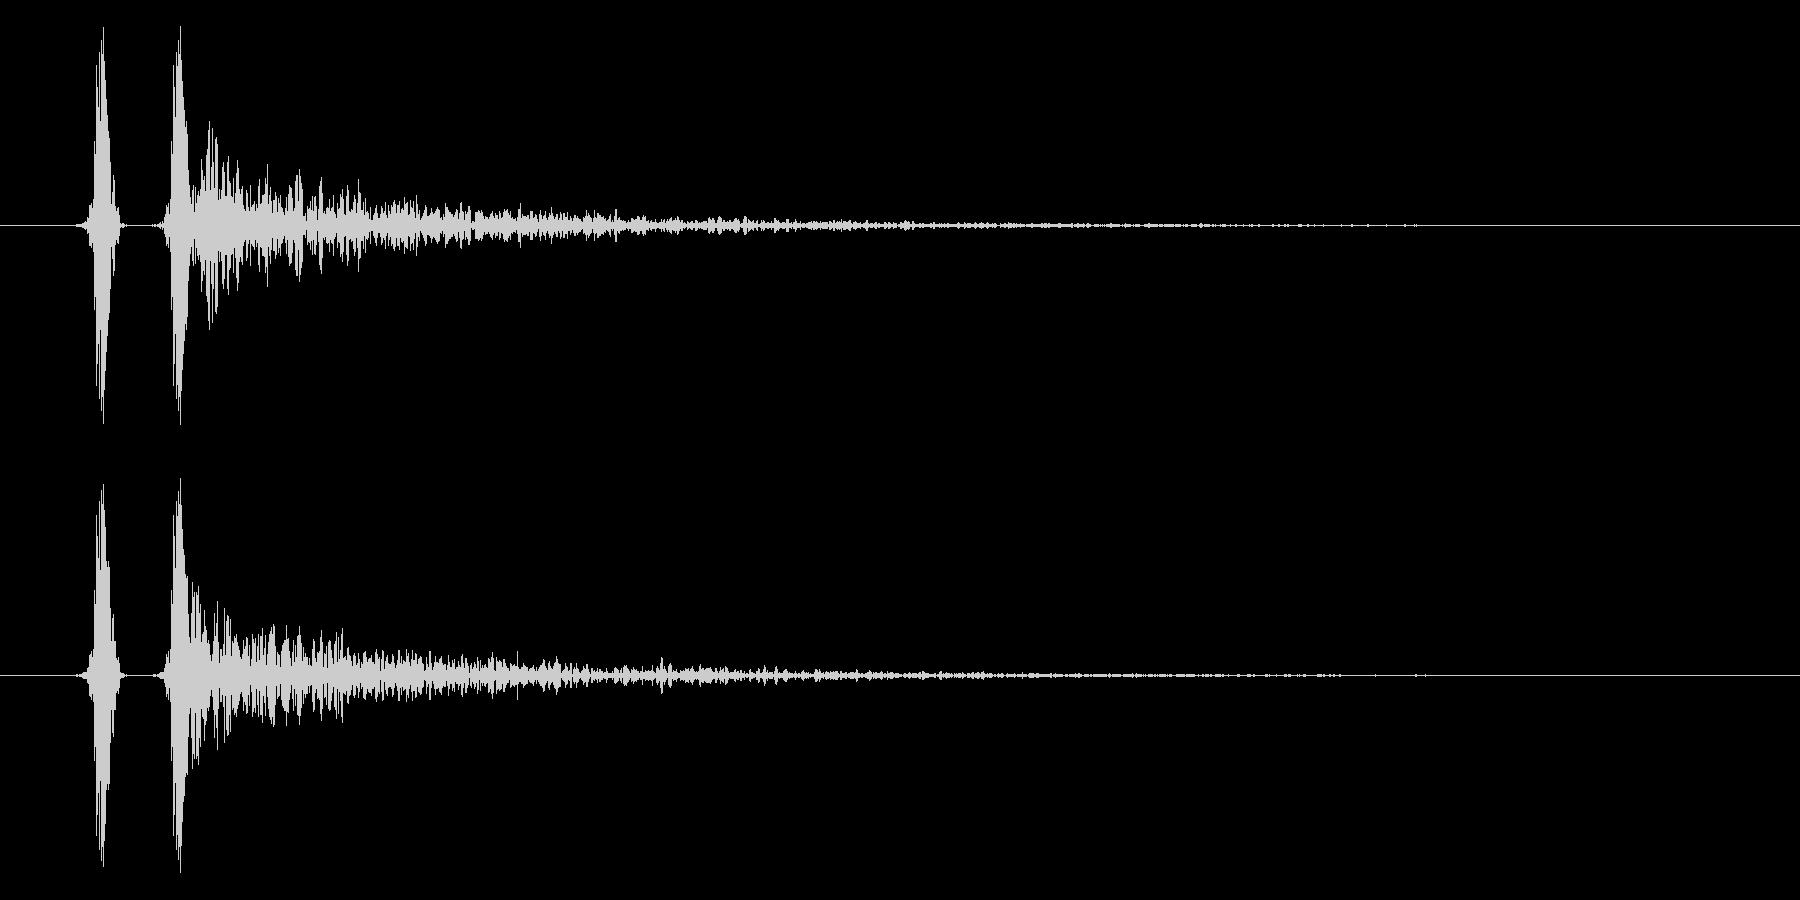 パン!ハンドクラップ/拍手の効果音!03の未再生の波形